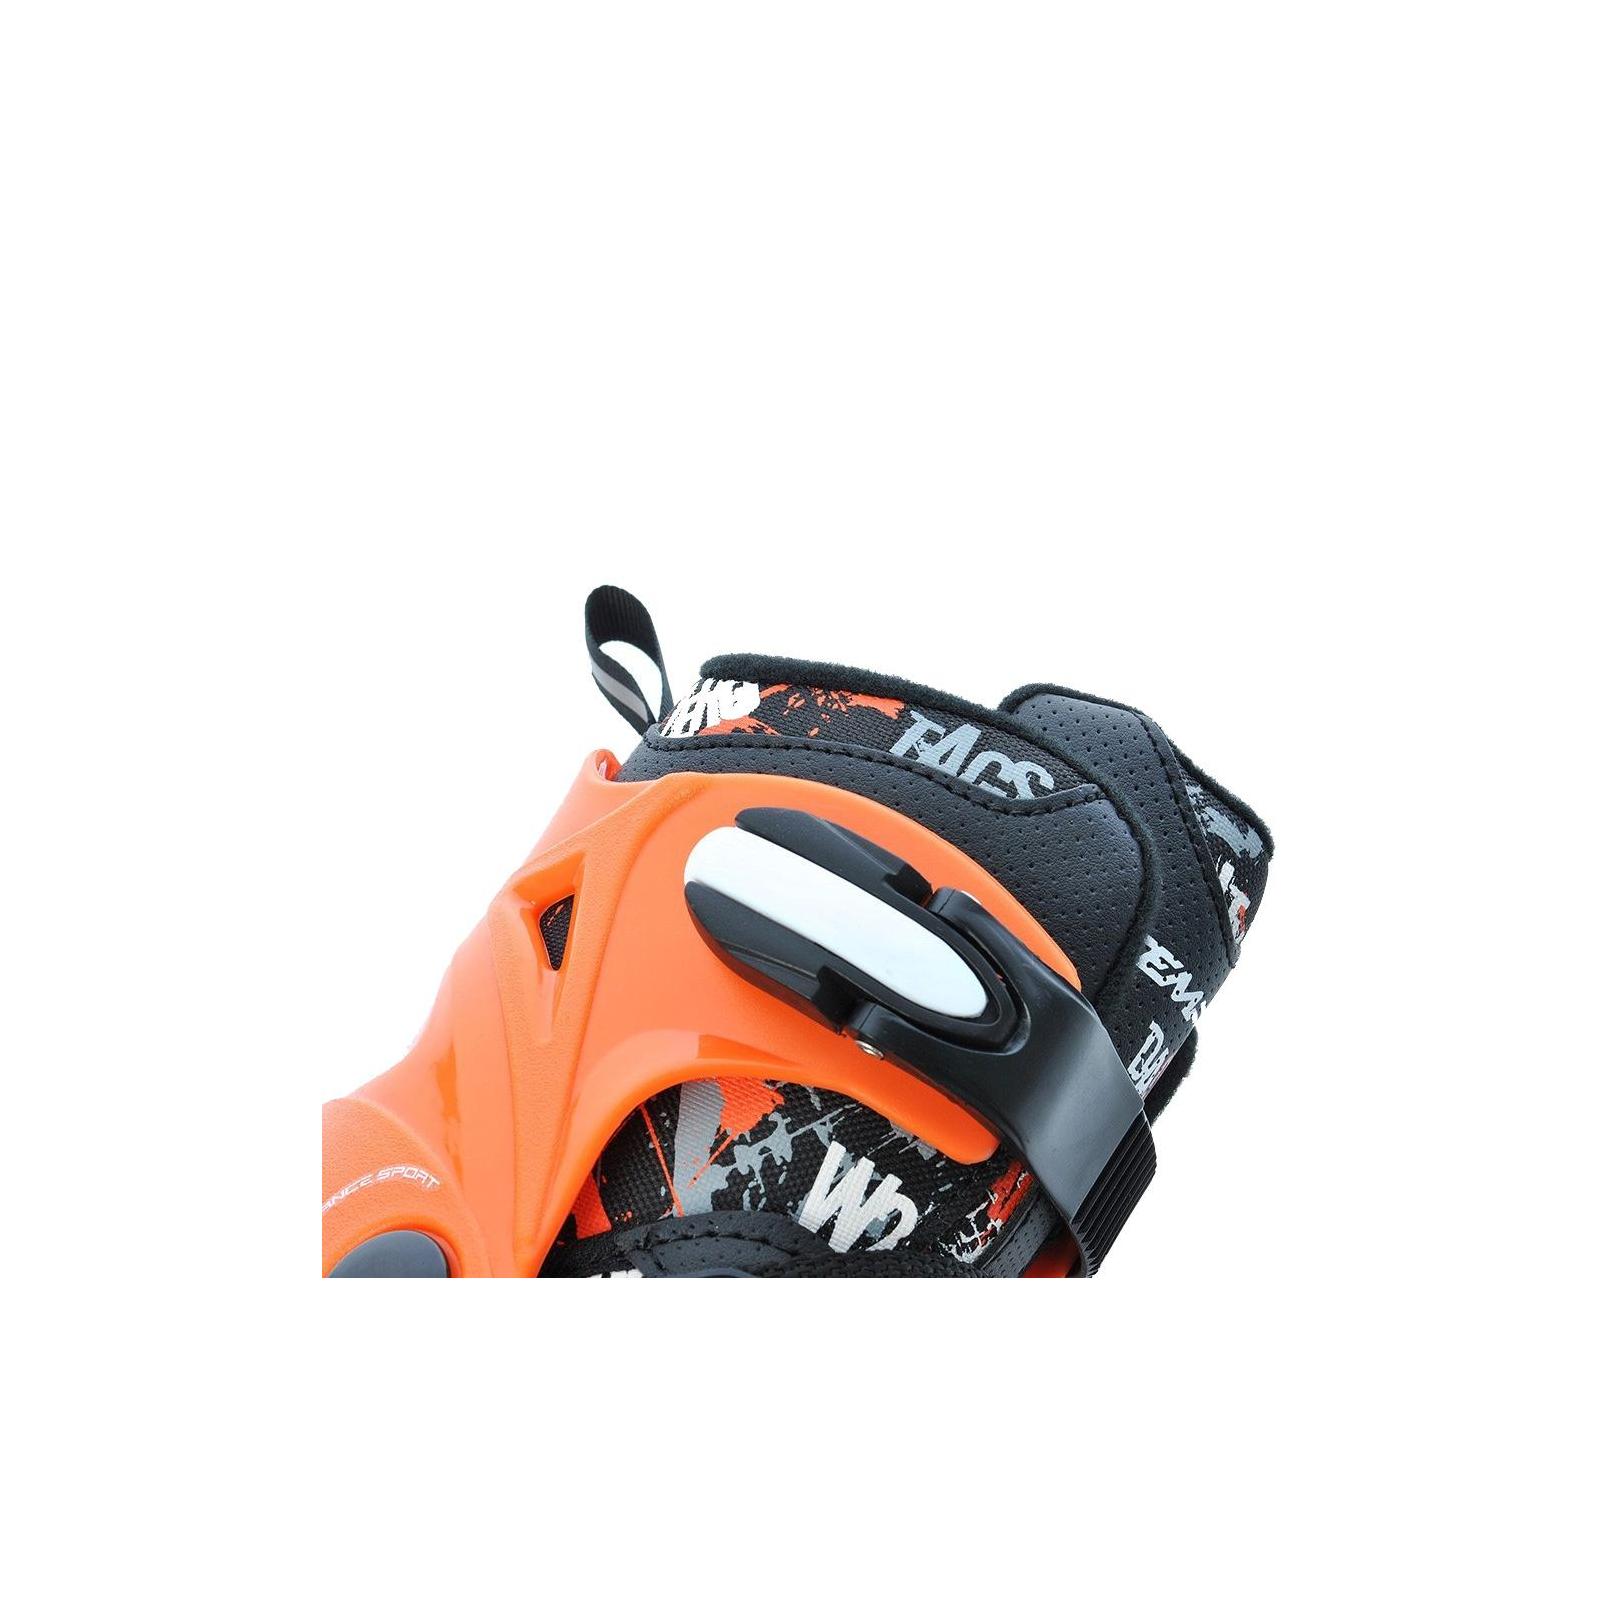 Роликовые коньки Tempish DACO black/37-40 1000027/BLACK/37-40 (1000027/BLACK/37-40) изображение 9